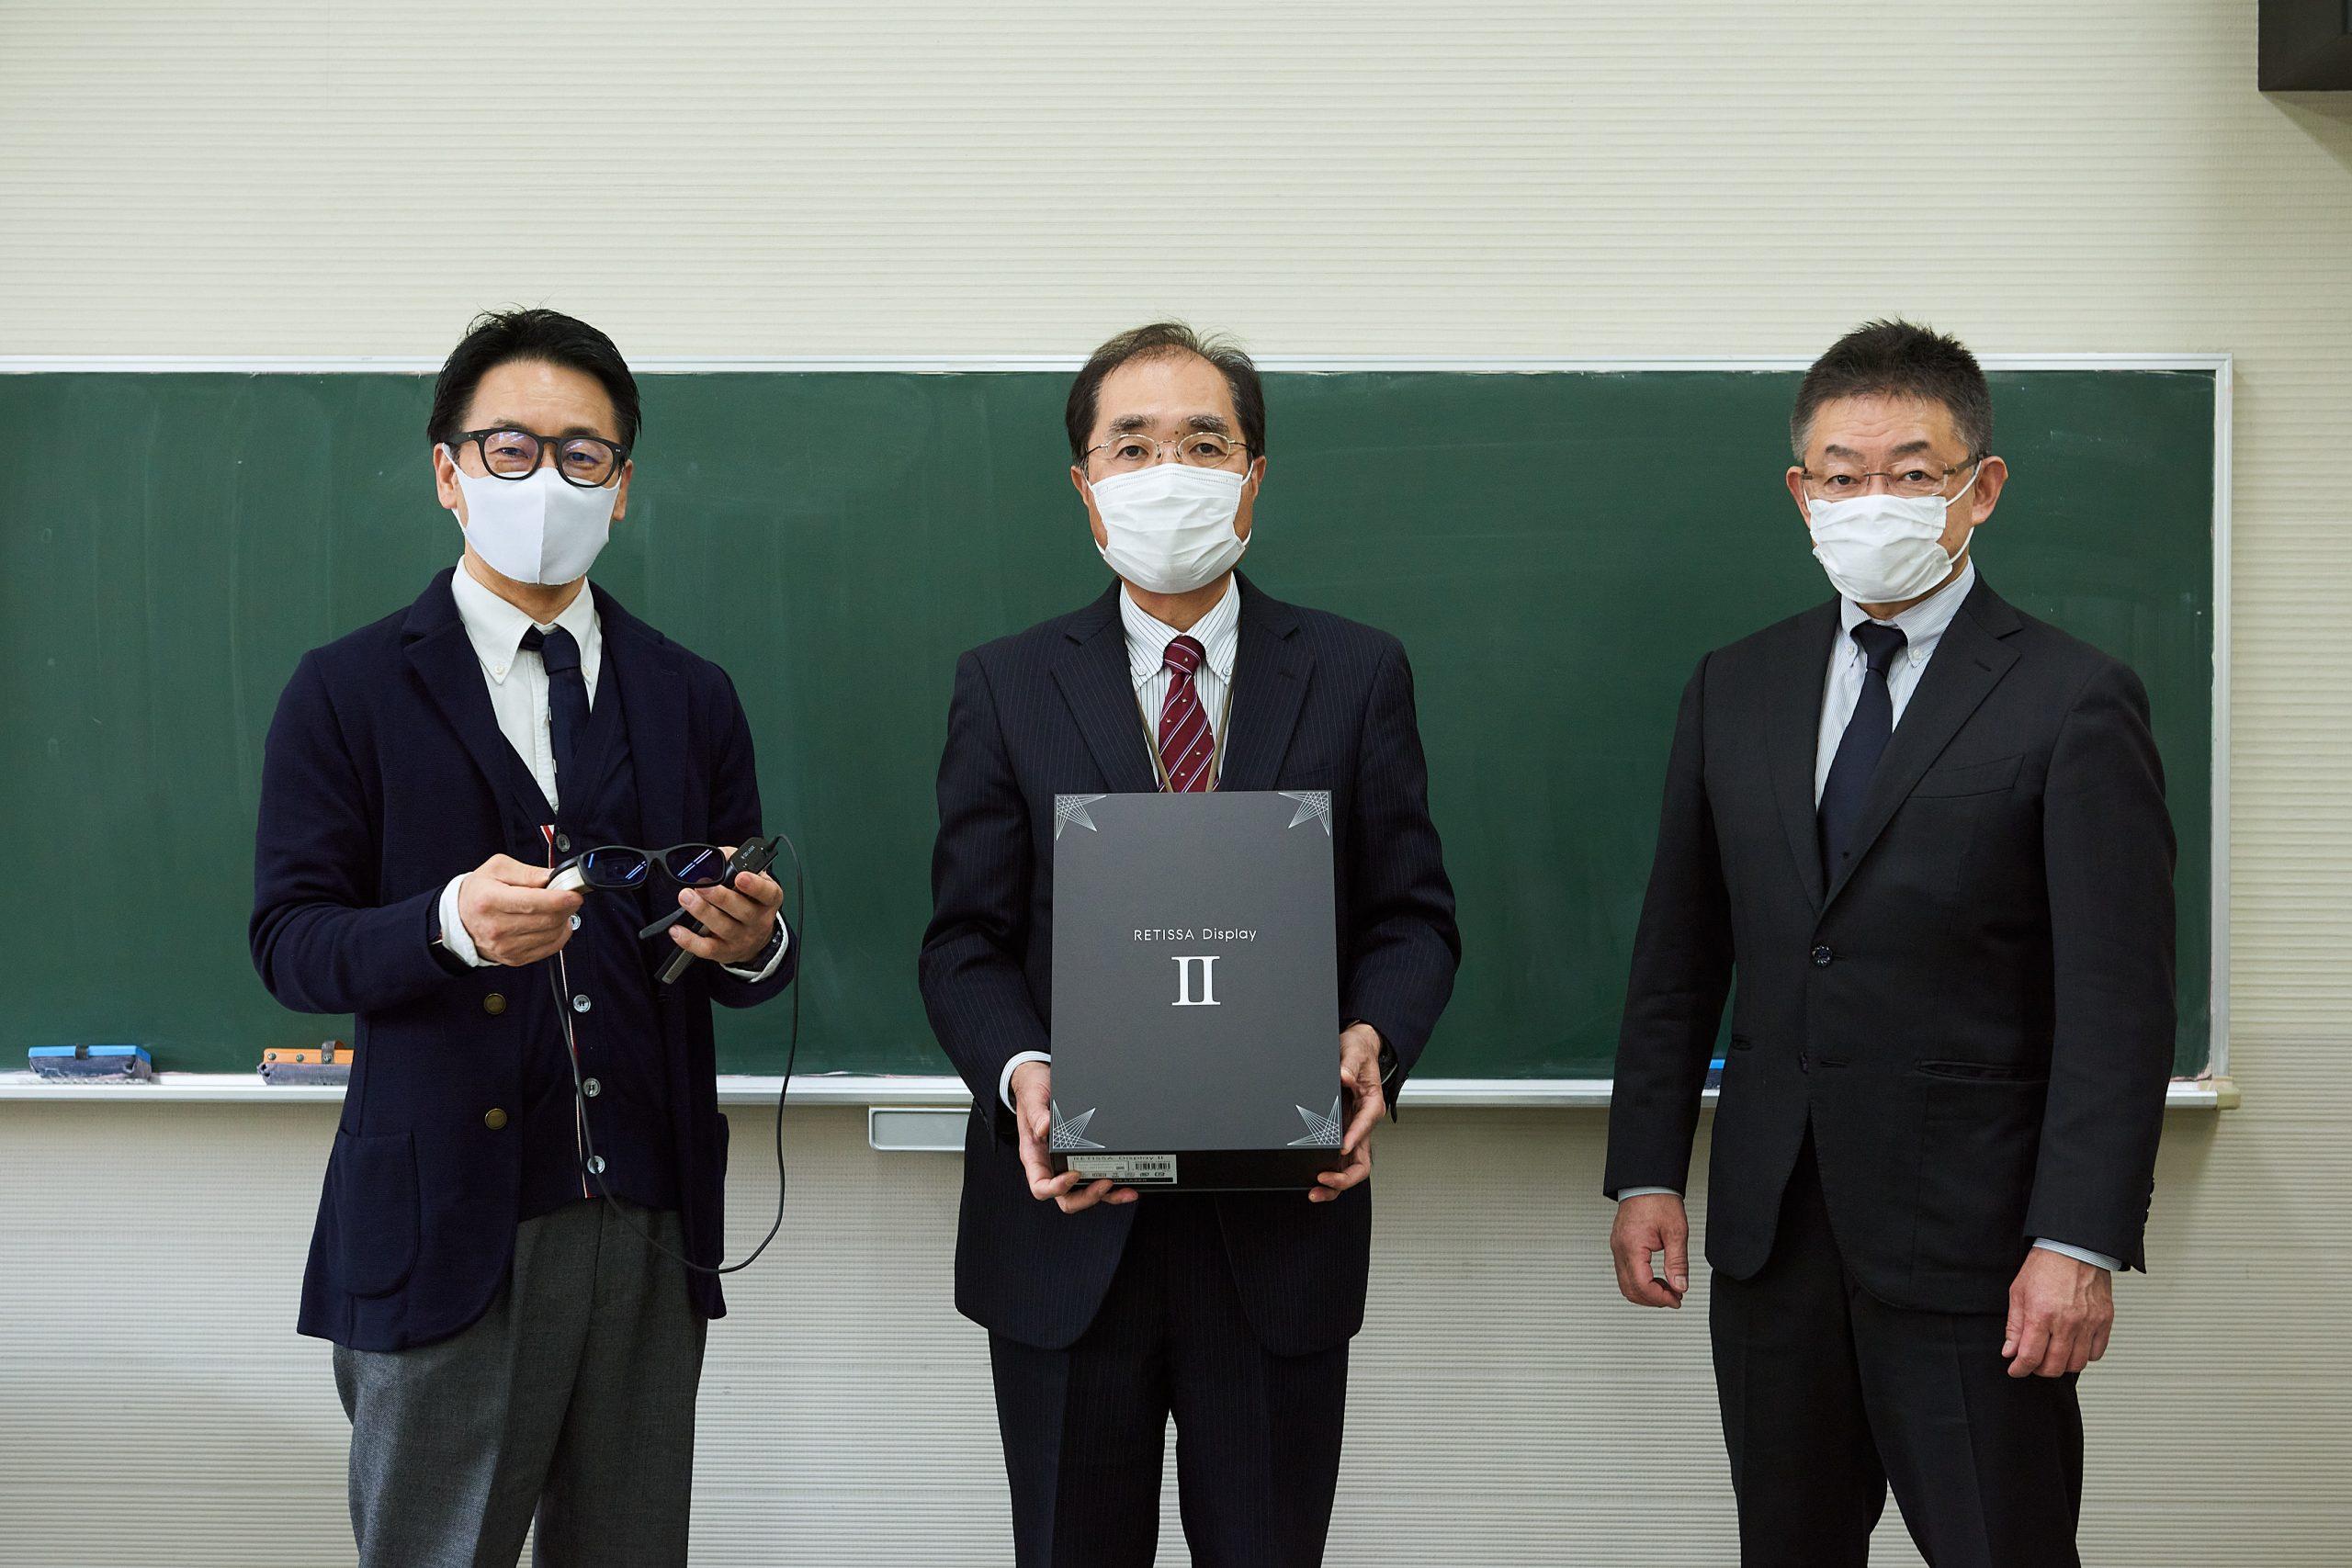 """弱視者の""""見る""""をサポート。ロービジョン向け網膜直接投影型アイウェアを横浜市立盲特別支援学校に寄贈"""